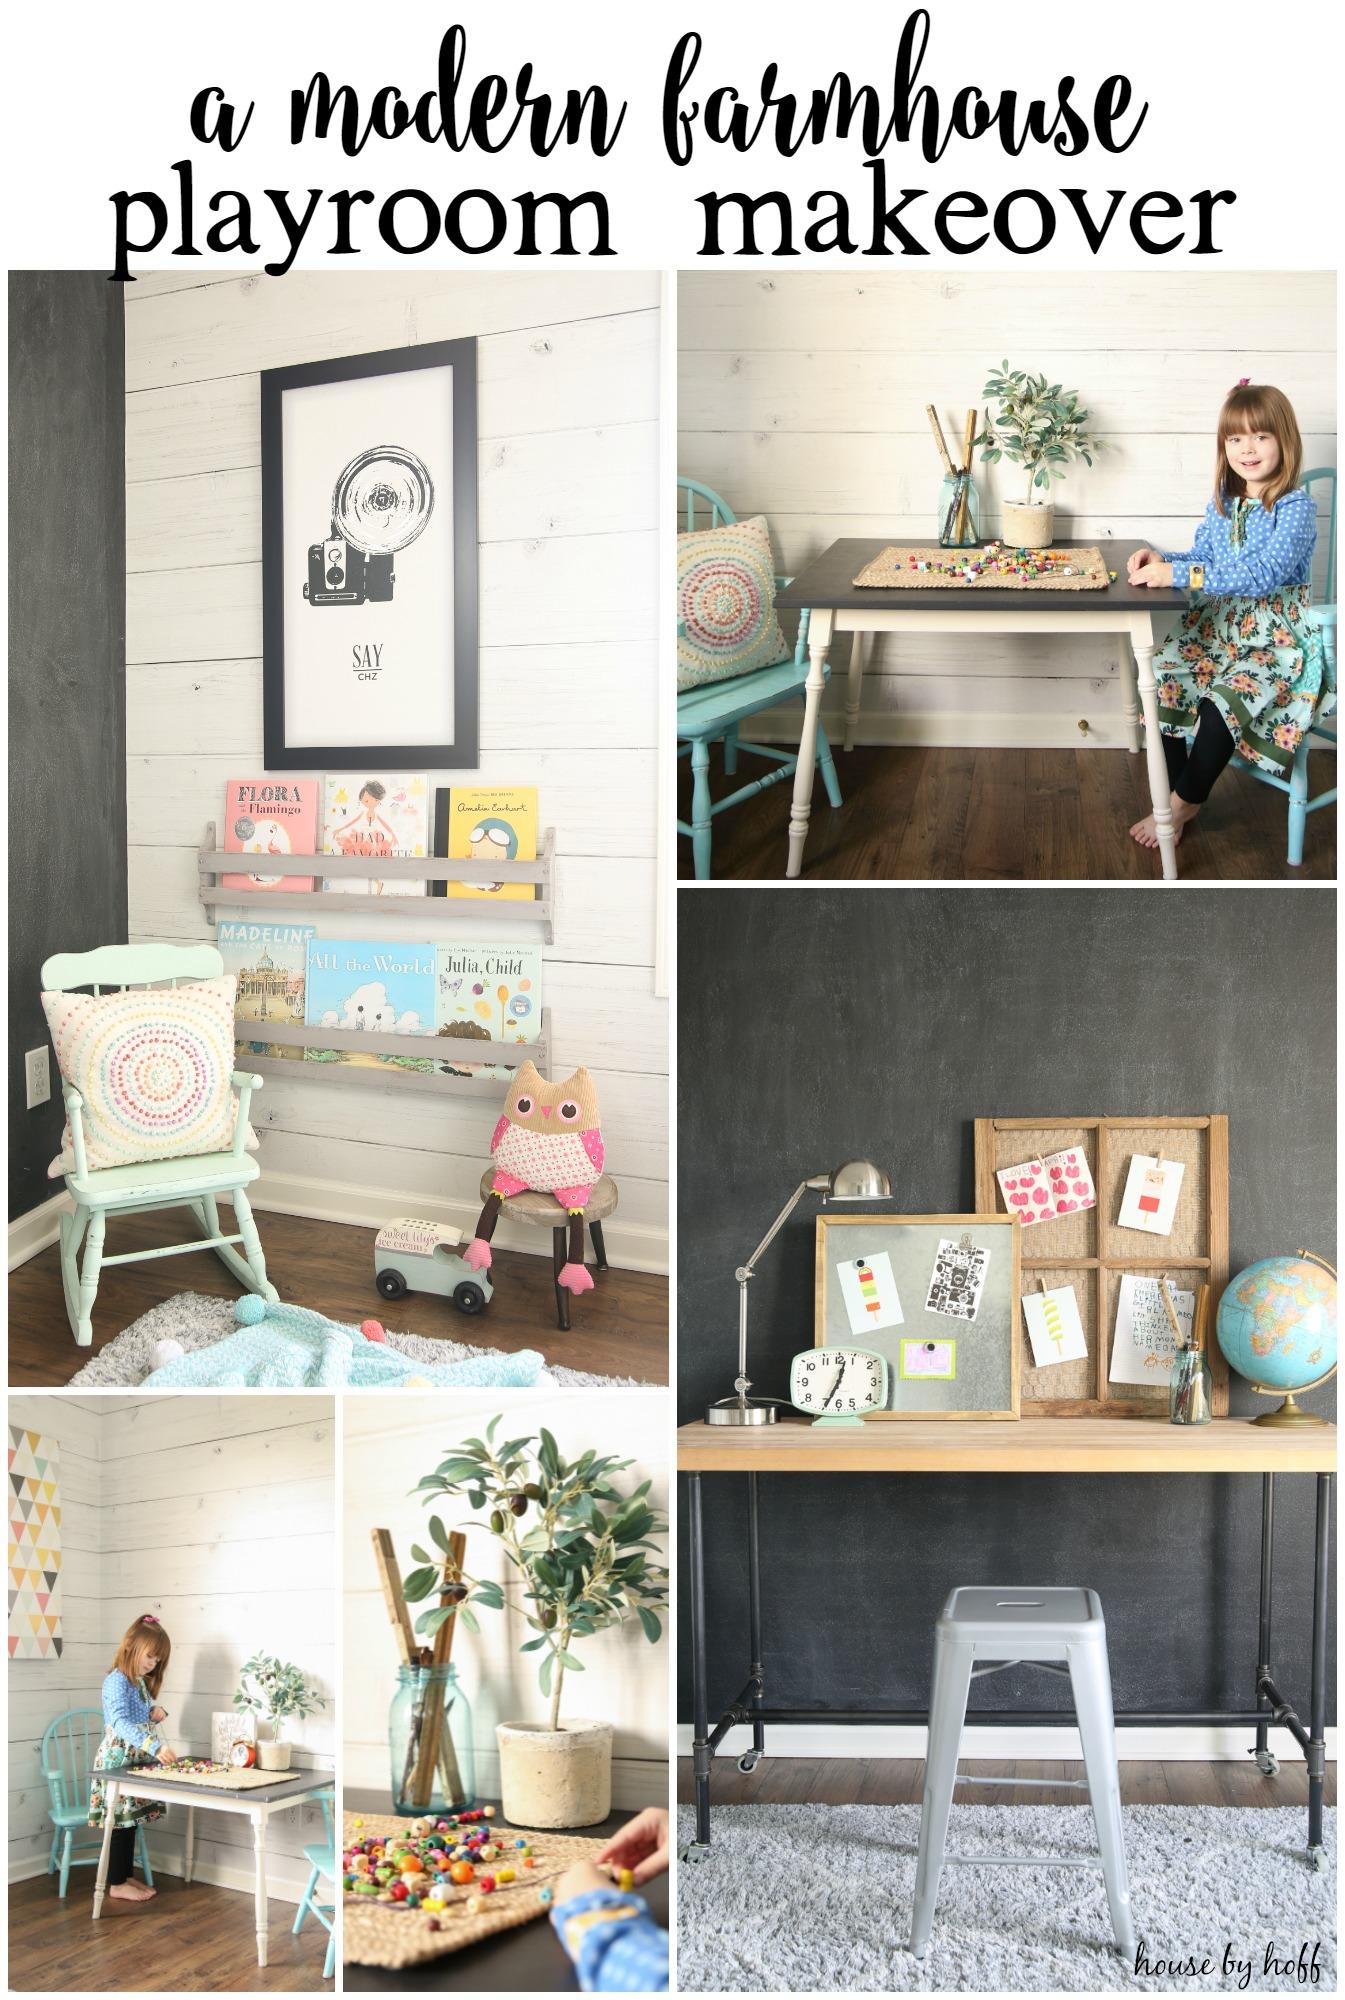 A Modern Farmhouse Playroom Makeover